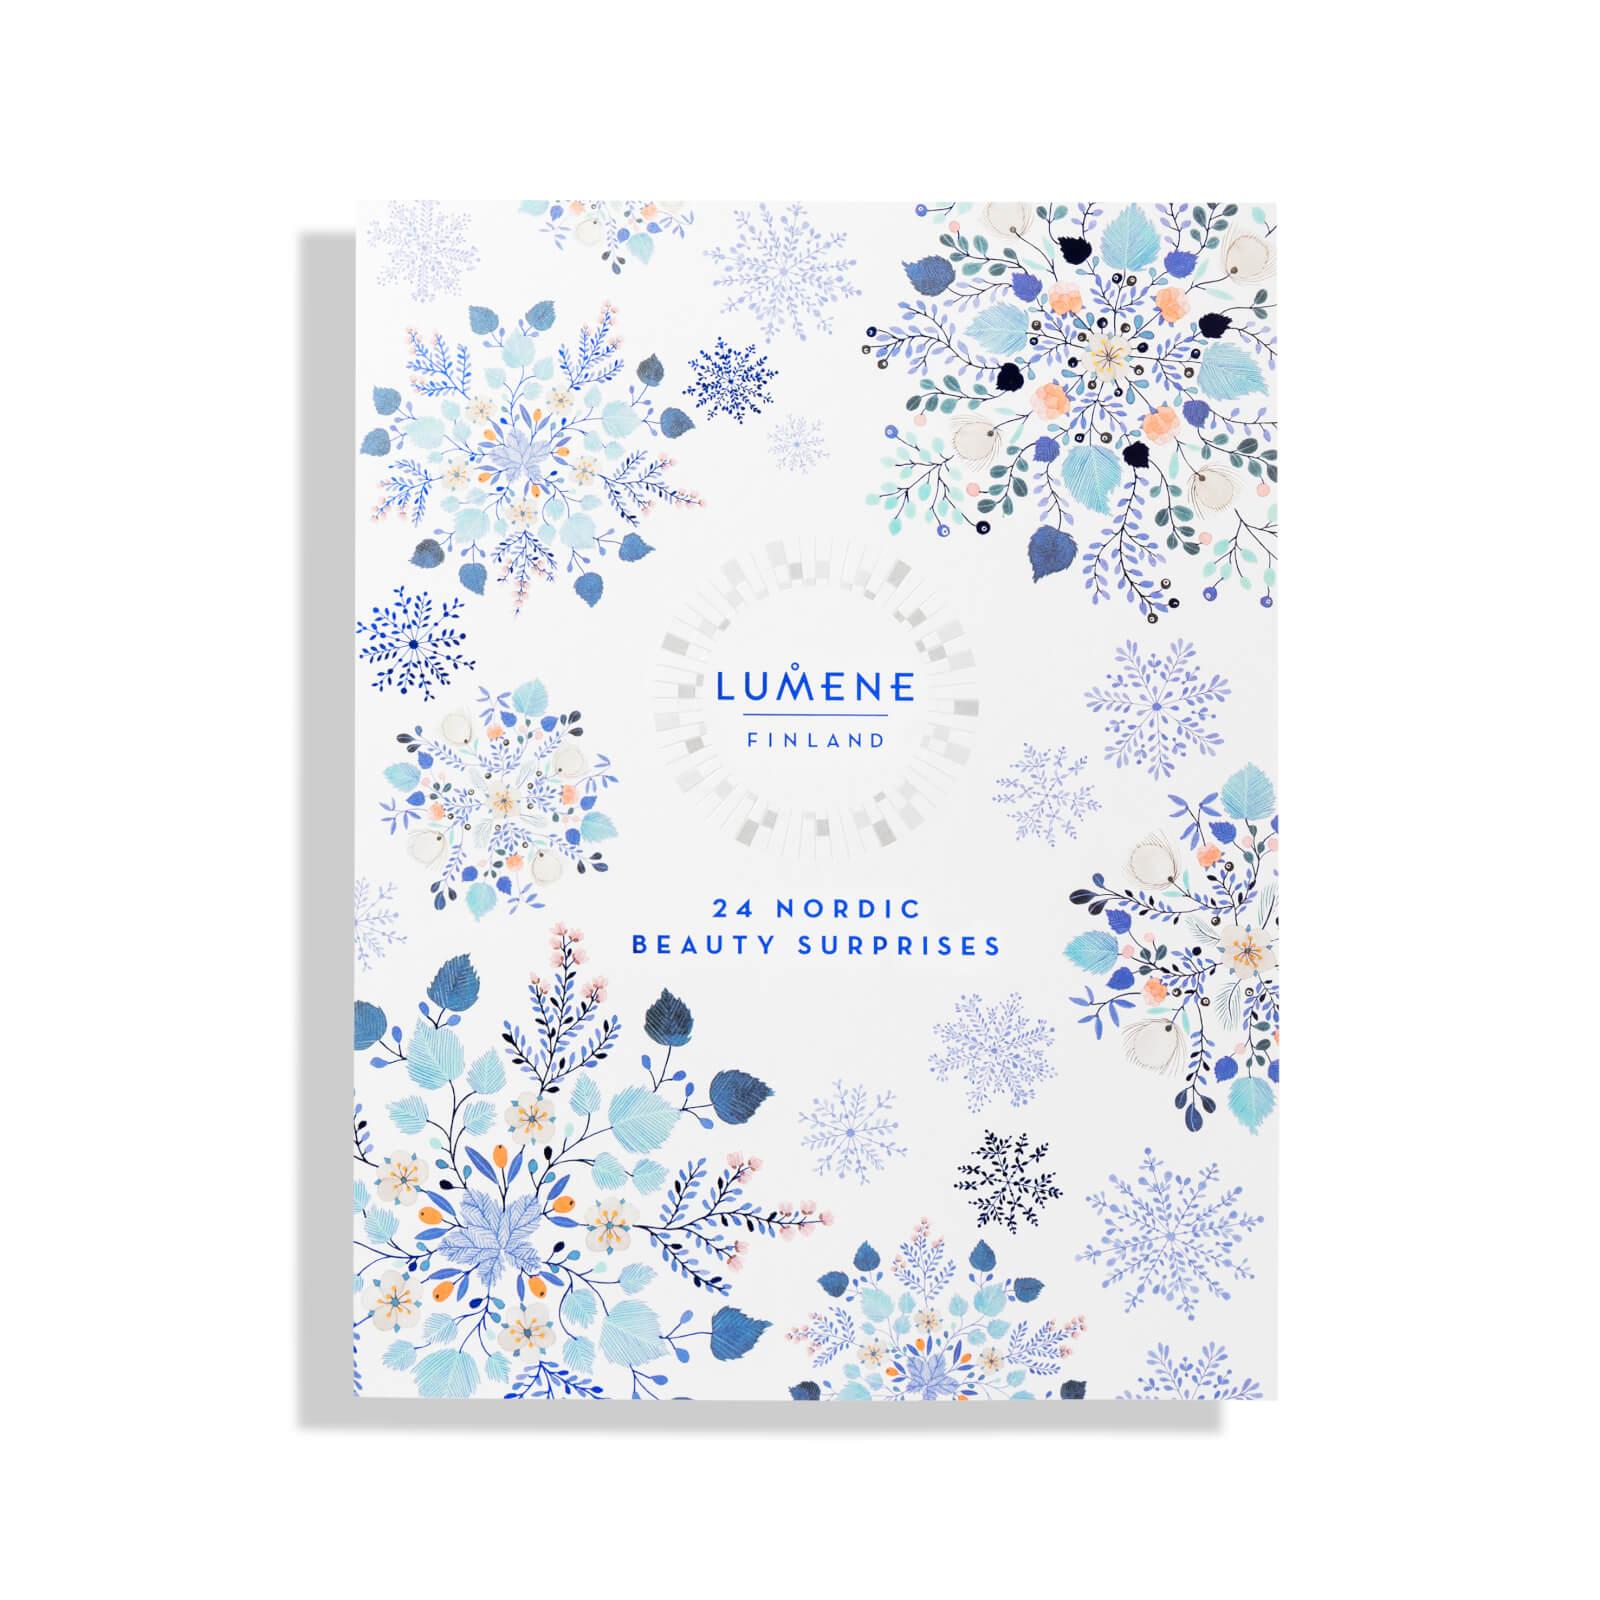 The Lumene Calendar